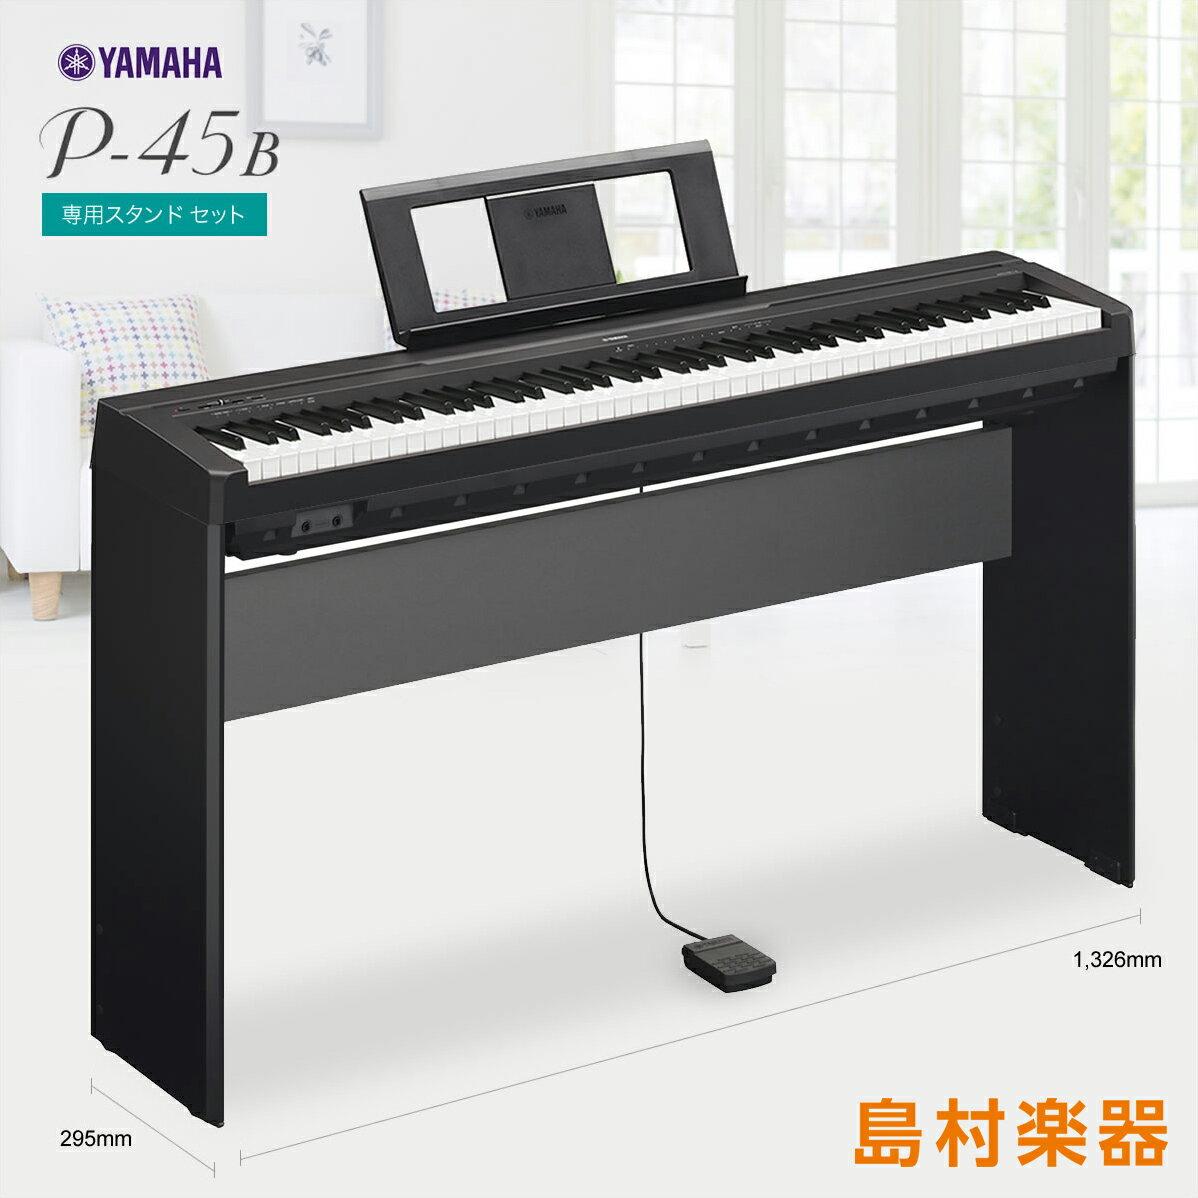 【在庫あり】 YAMAHA P-45B & 専用スタンドセット 電子ピアノ 88鍵盤 【ヤマハ P45】 【オンラインストア限定】